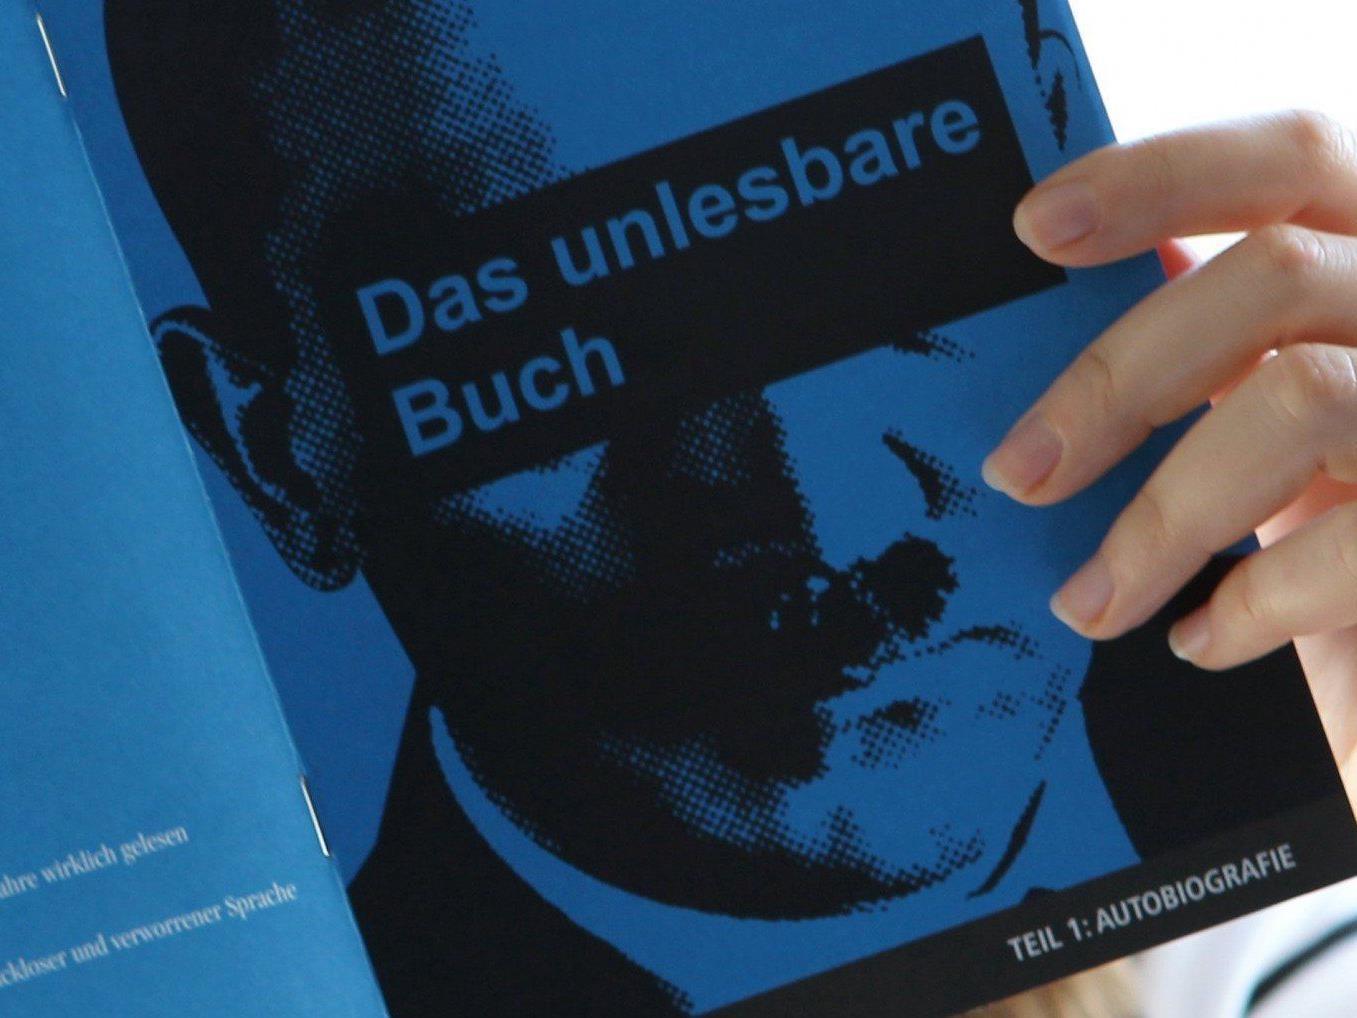 """Wissenschafter wollen nicht Satirikern die Deutungshoheit über """"Mein Kampf"""" überlassen - ganz zu schweigen von rechtsextremen Kameradschaften"""